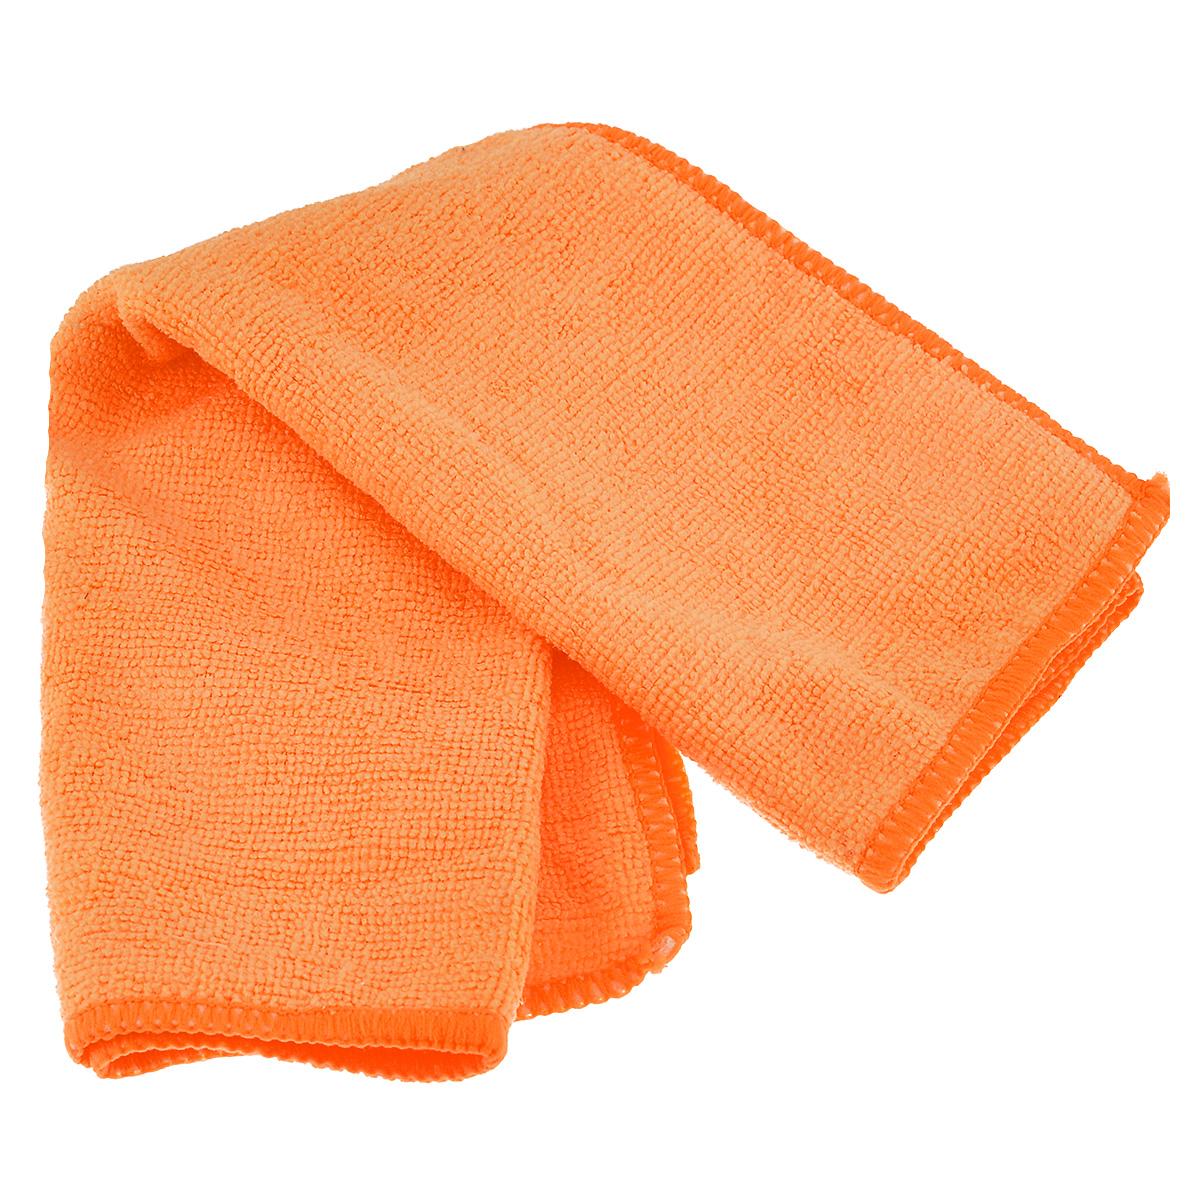 Салфетка из микрофибры Magic Power, для ухода за СВЧ печами и духовыми шкафами, цвет: оранжевый, 35 см х 40 смMP-501_оранжевыйСалфетка Magic Power, изготовленная из микрофибры (75% полиэстера, 25% полиамида), предназначена для ухода за СВЧ печами и духовыми шкафами, для очистки внешней и внутренней поверхности плит и микроволновых печей от любых видов загрязнений, для полировки и придания блеска. Идеально подходит для использования со средствами Magic Power по уходу за СВЧ-печами и духовыми шкафами. Не оставляет разводов и ворсинок. Обладает повышенной прочностью.